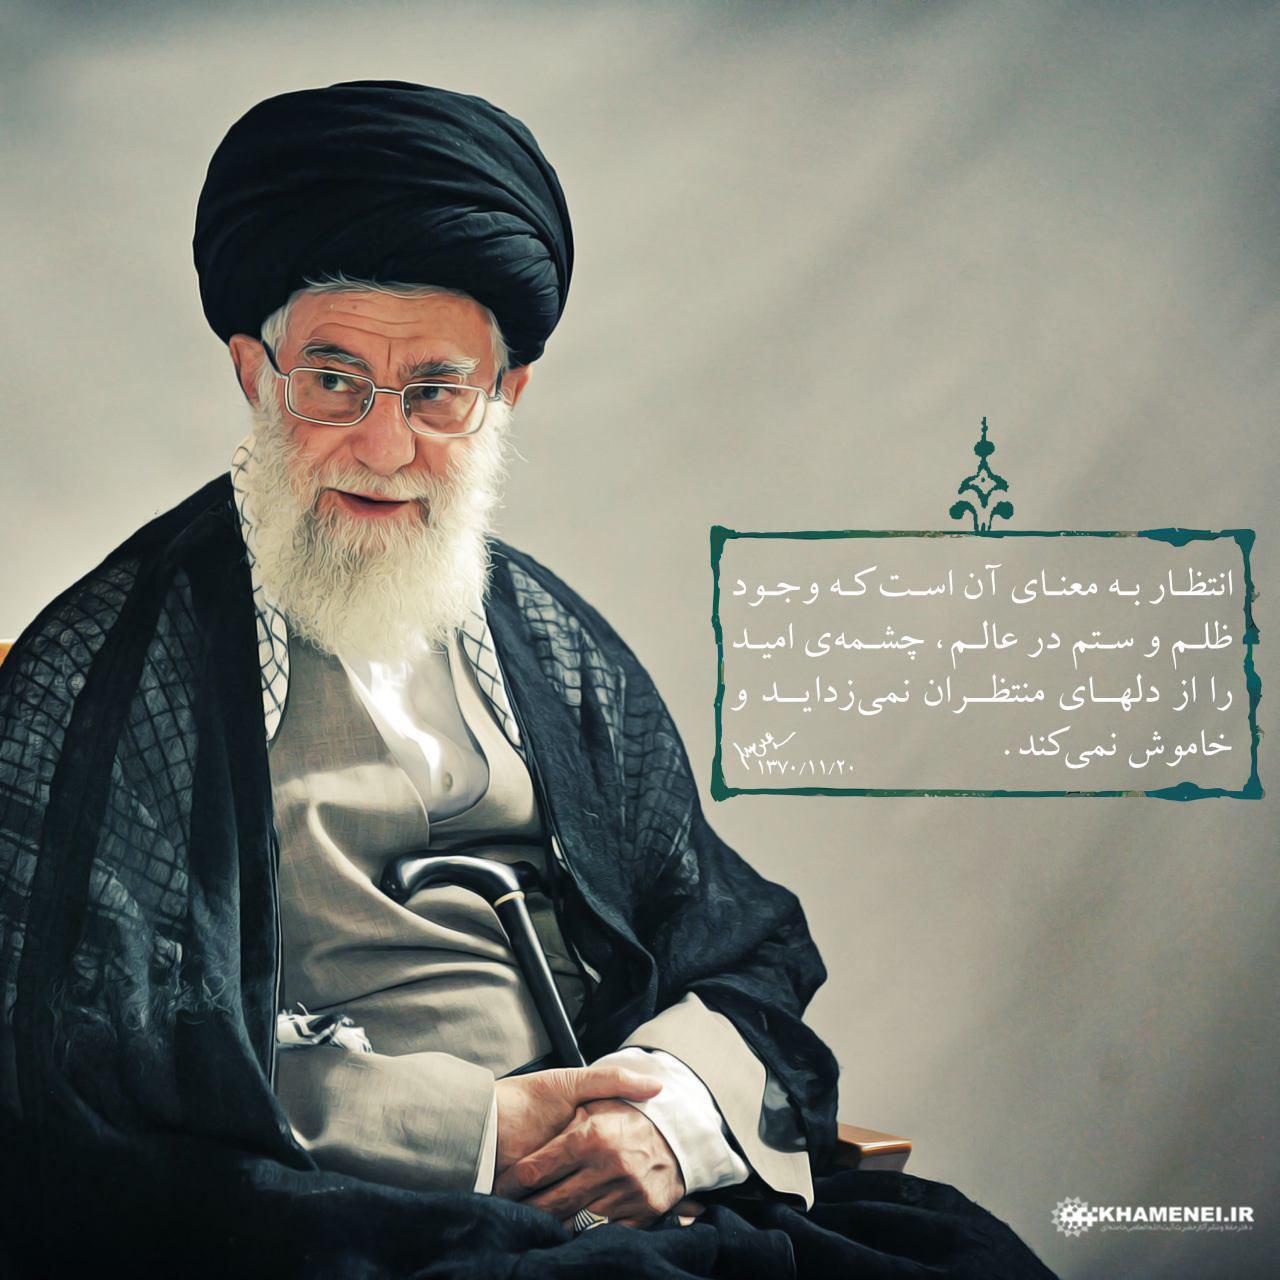 همه مخالفتهای هاشمی با امام خمینی/ اصلیترین مقصر برداشته نشدن تحریمها دولت روحانی است